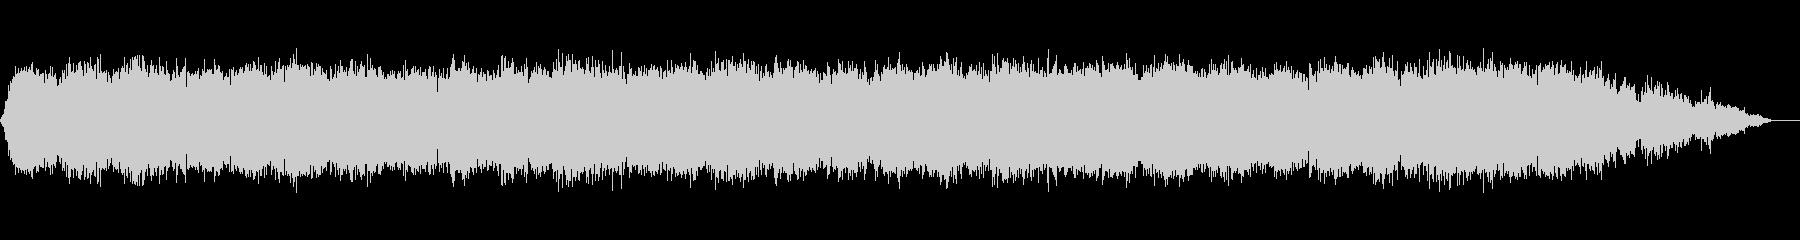 静かなシンセサイザーのリラックスサウンドの未再生の波形